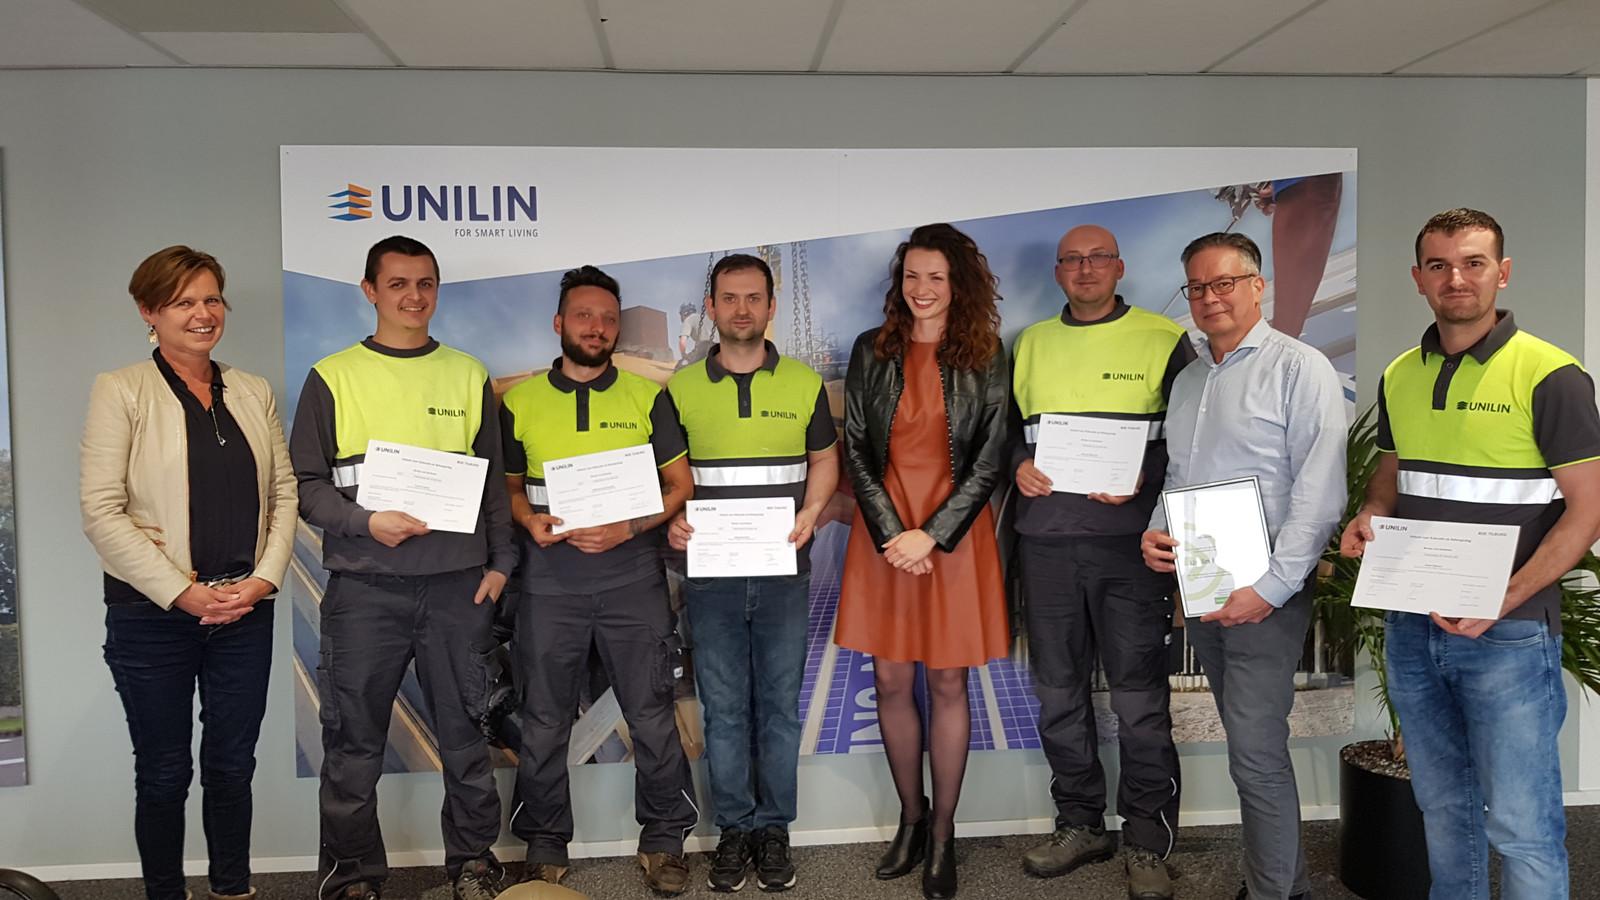 Arbeidsmigranten, met de Oisterwijkse wethouder Stefanie Vatta in hun midden, ontvingen bij Unilin een taalcertificaat